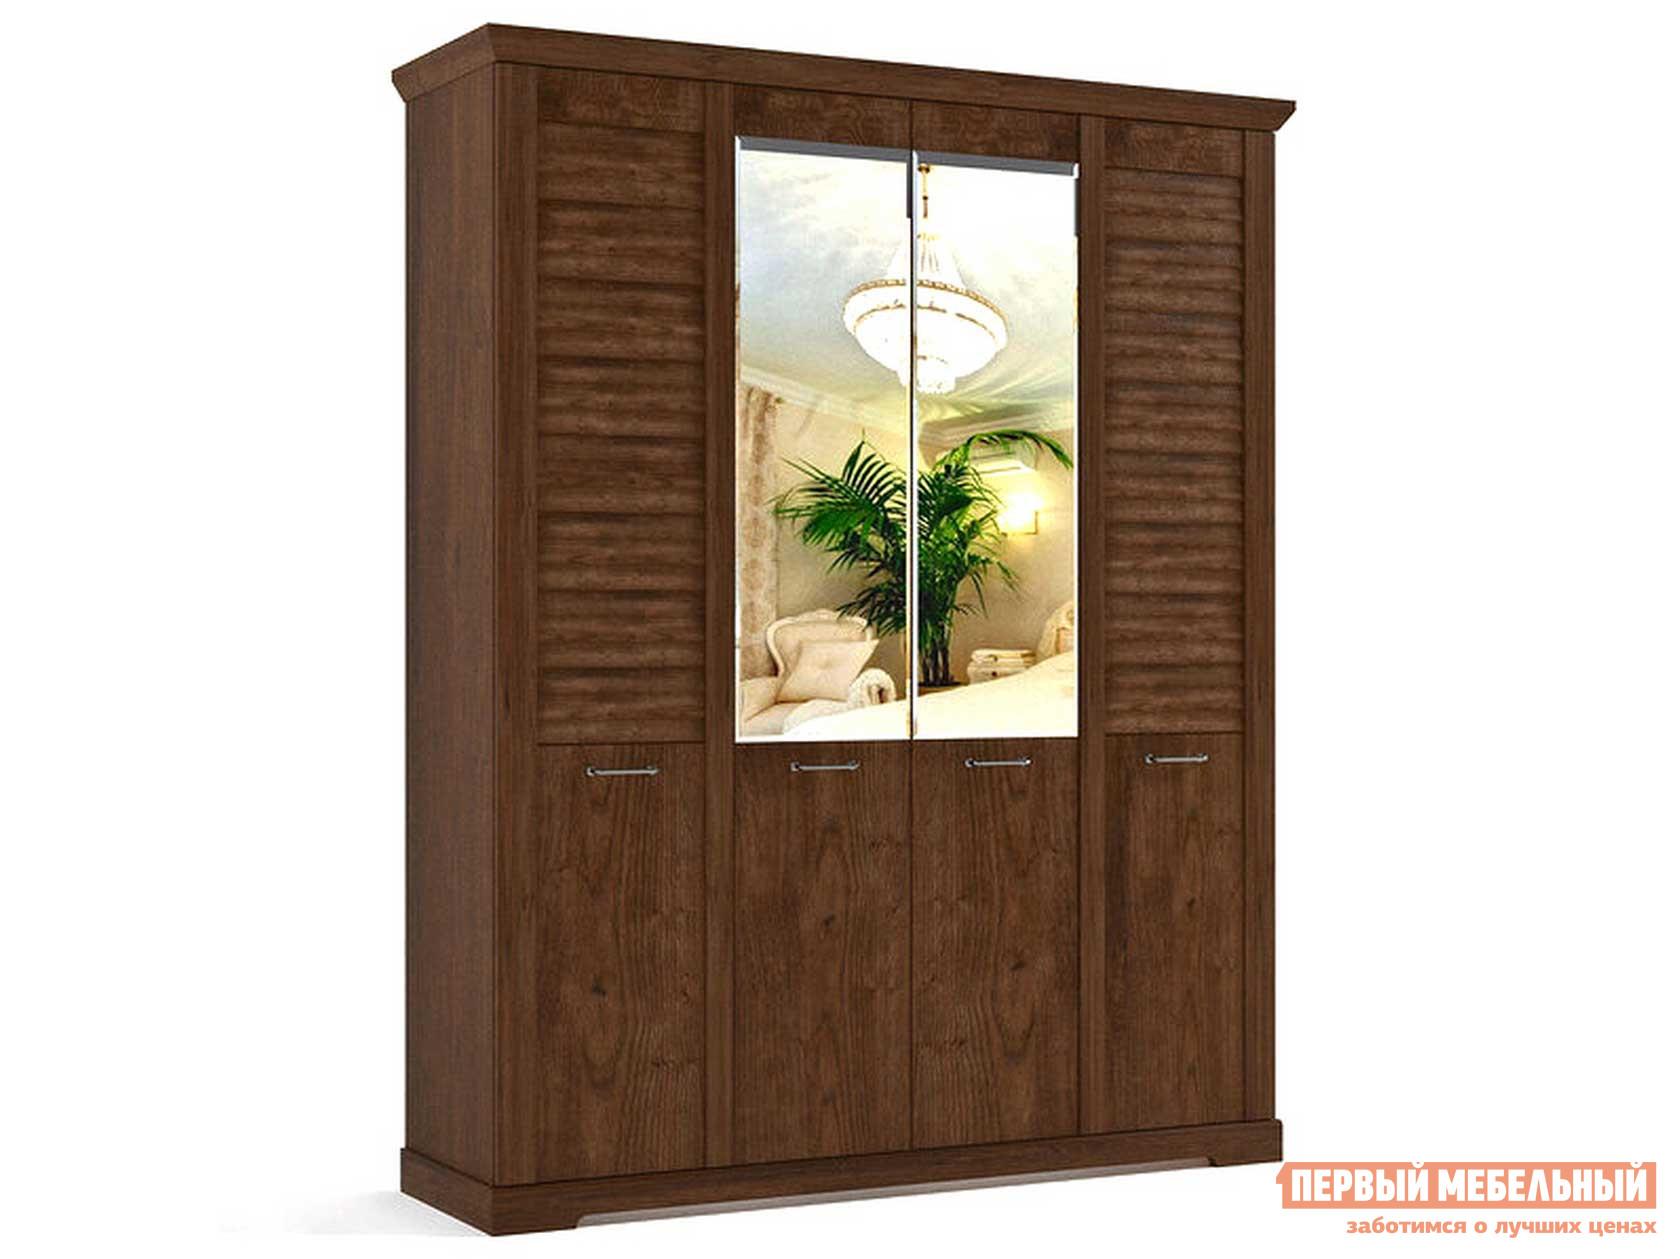 Шкаф распашной Первый Мебельный Шкаф 4-х дверный Кантри распашной шкаф шкаф 4 х дверный с доводчиками медея медея